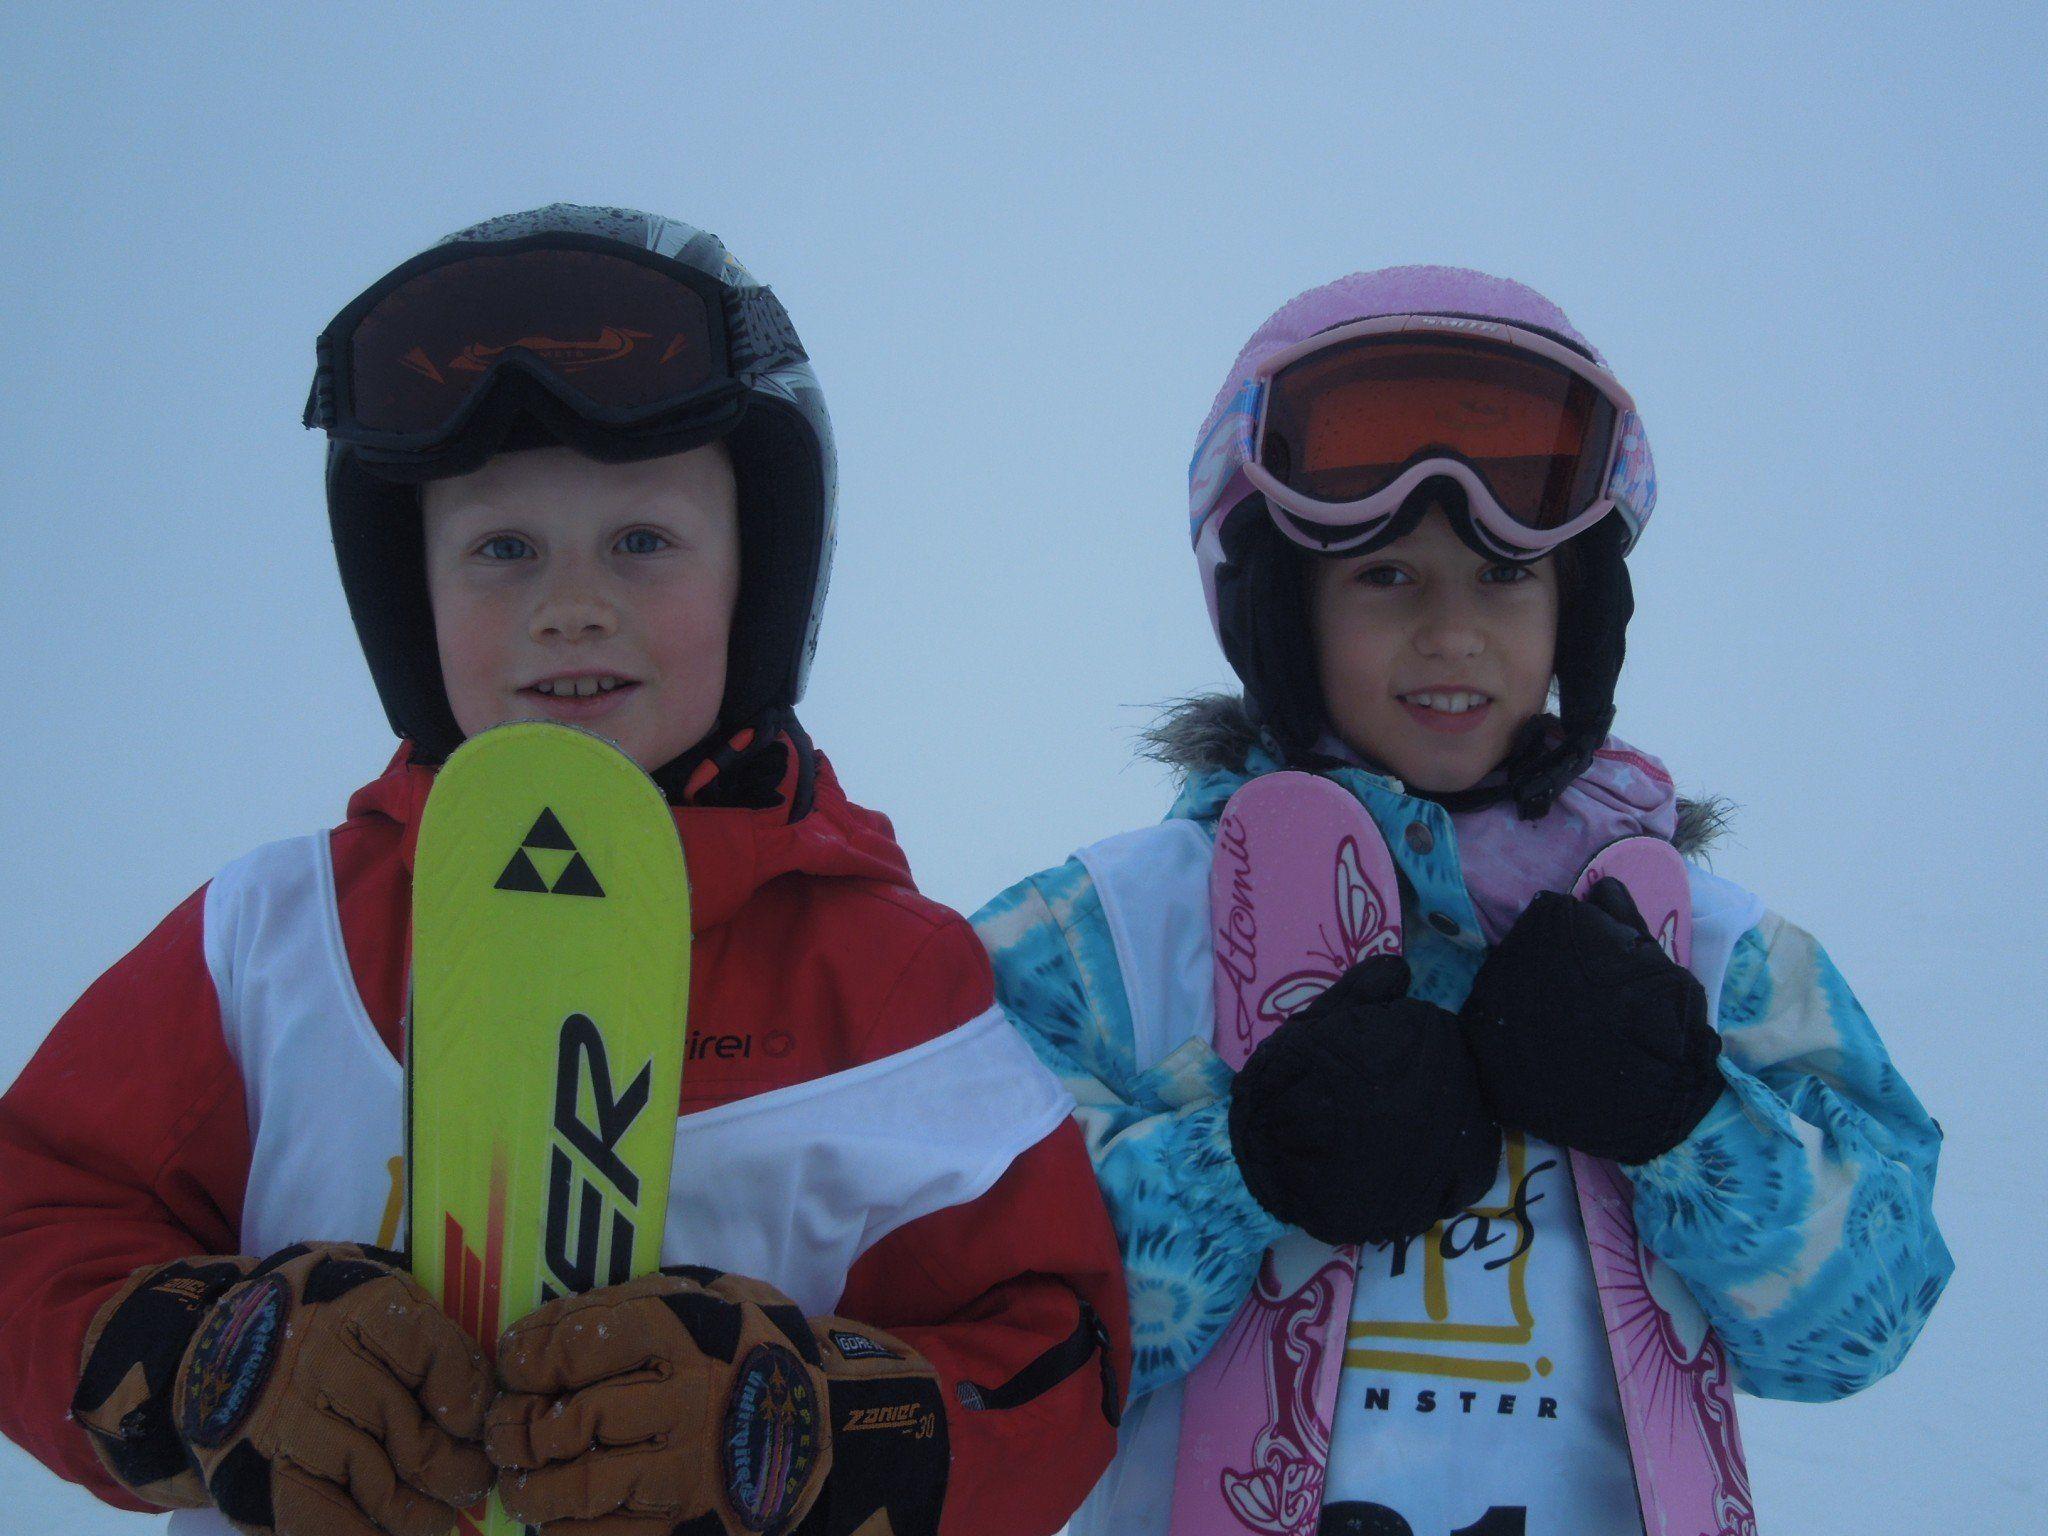 Simon und Emilia gehörten zu den Teilnehmern des diesjährigen Guglhupfspringens und zeigten echtes Skisprungtalent.